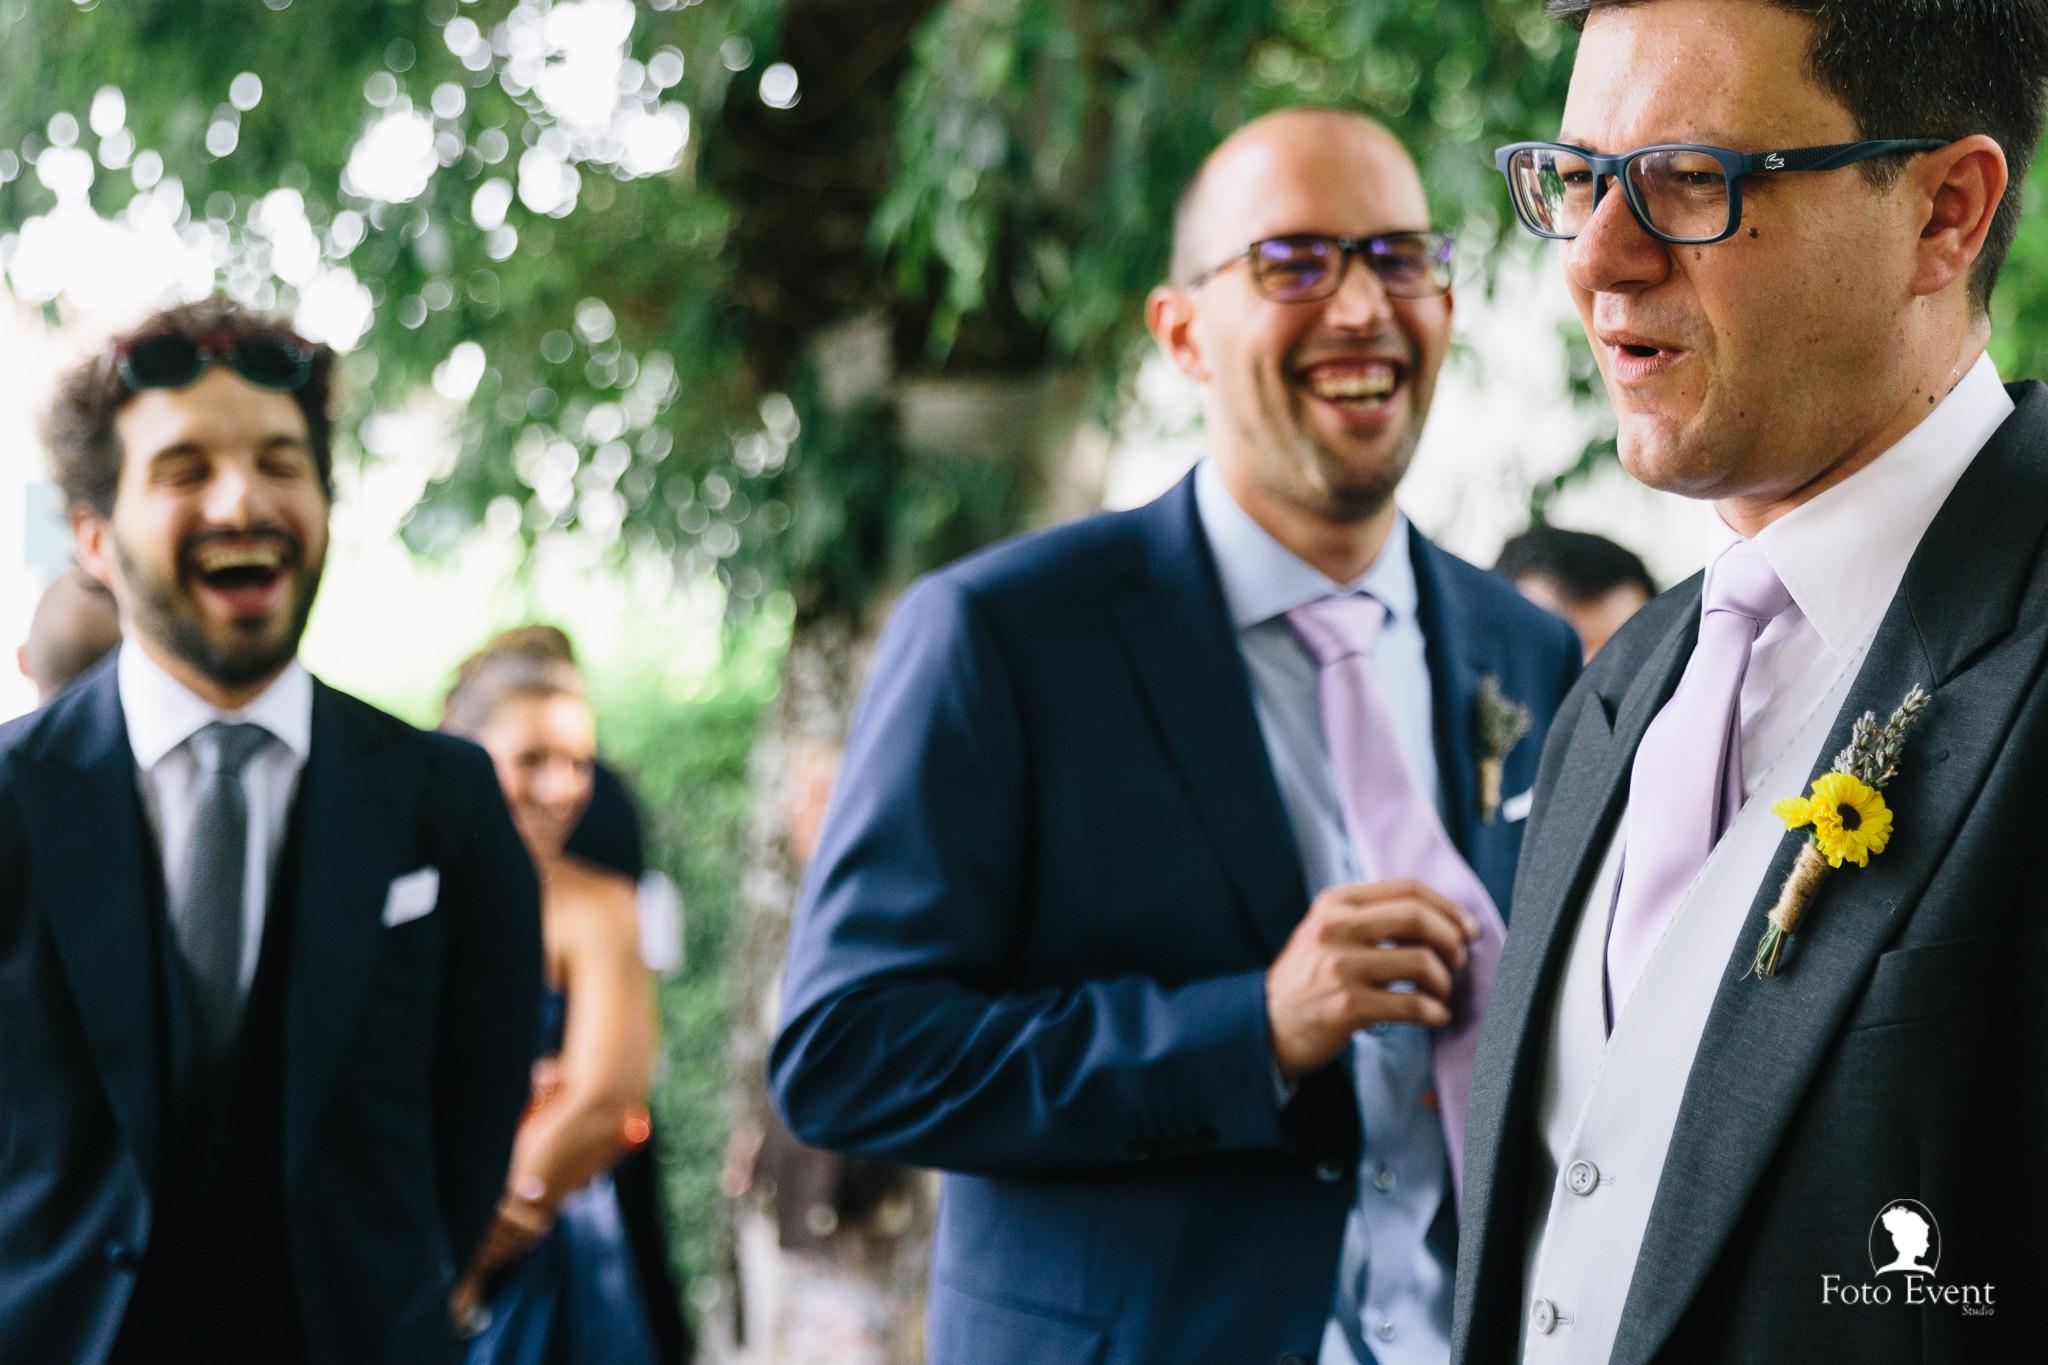 031-2019-07-27-Matrimonio-Valentina-e-Alessandro-Pettinari-5DE-467